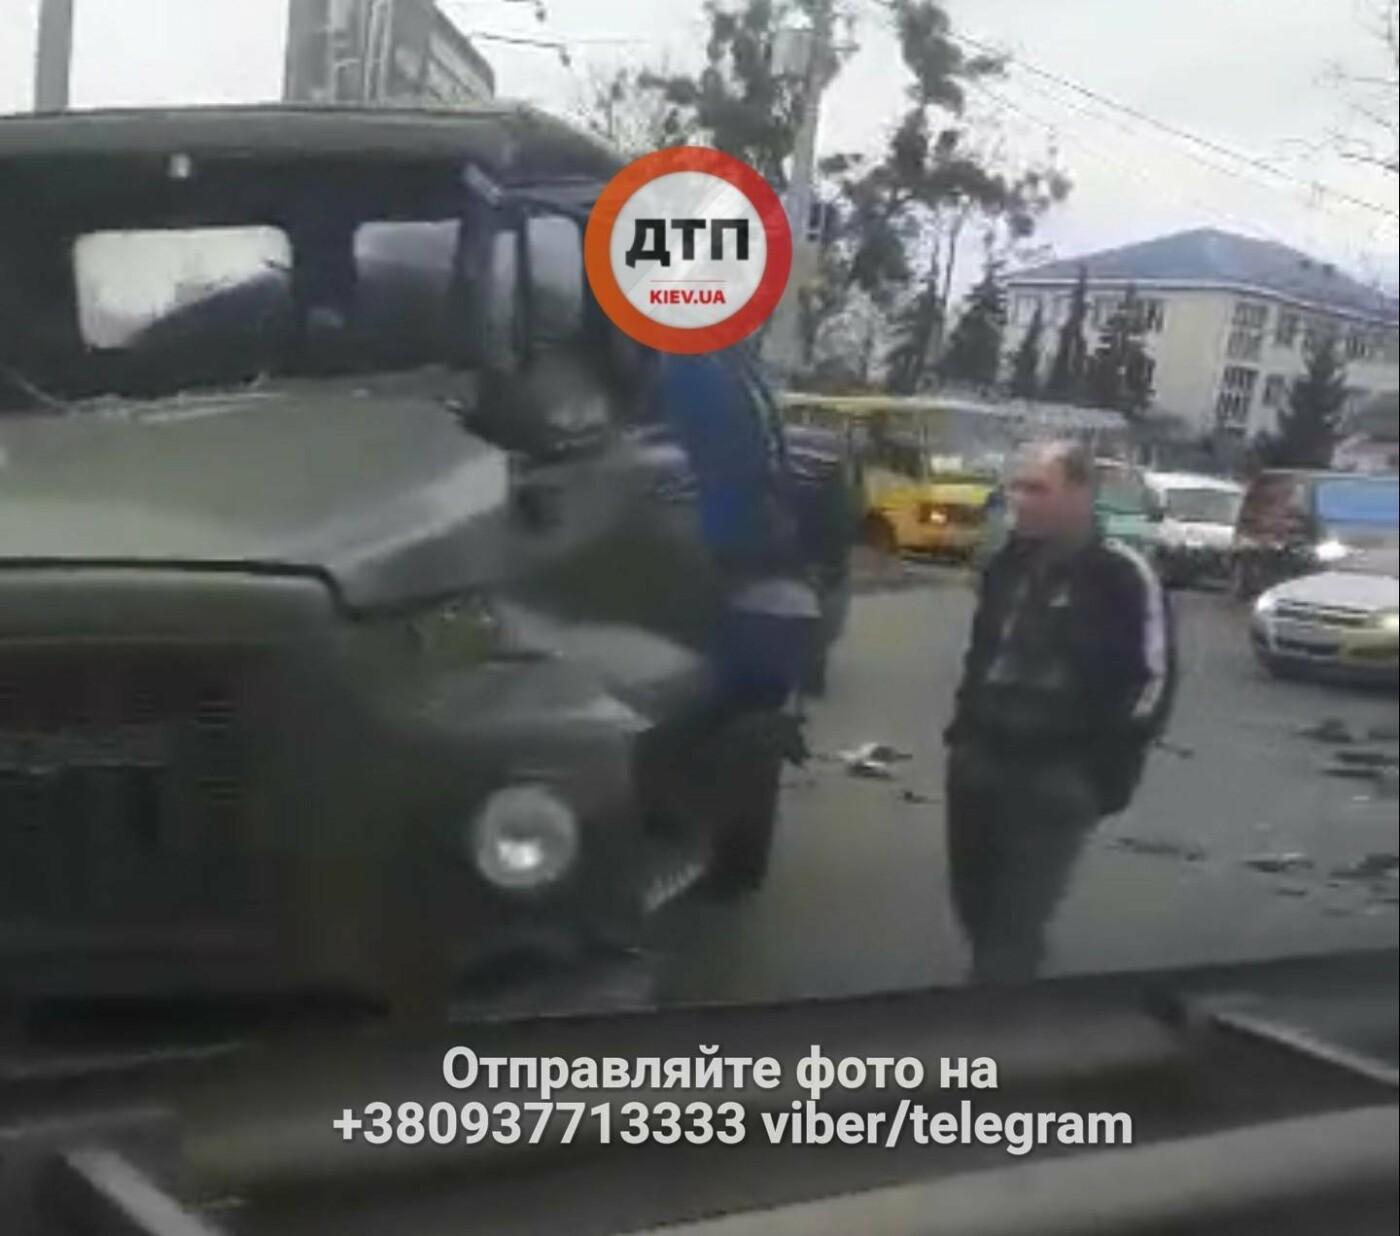 В Киеве столкнулись фура и водовоз, есть пострадавшие (ФОТО), фото-2